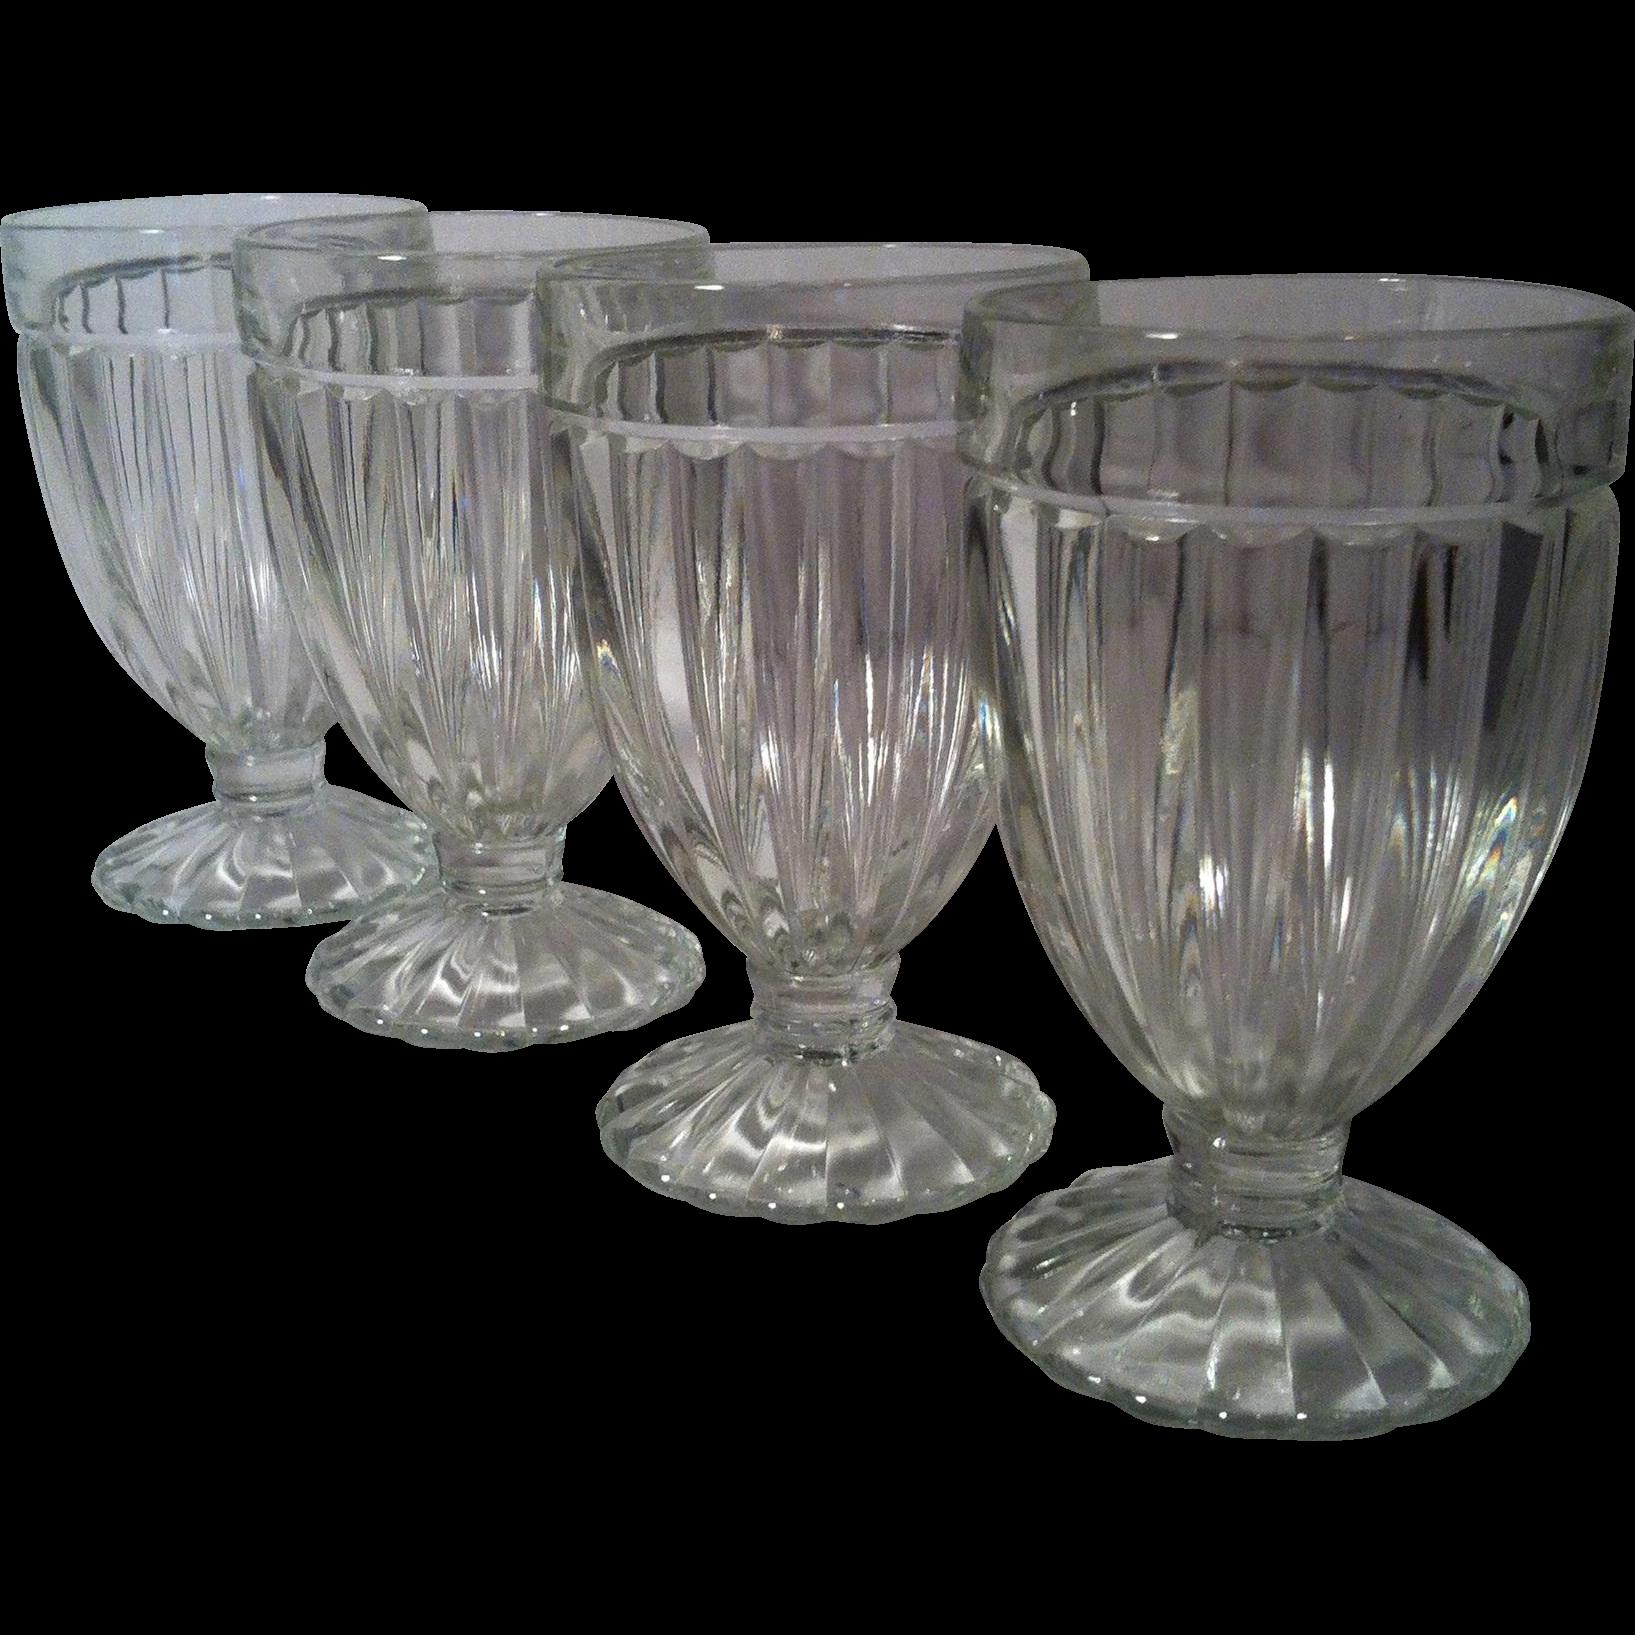 4 Old Fashioned Soda Fountain Glasses